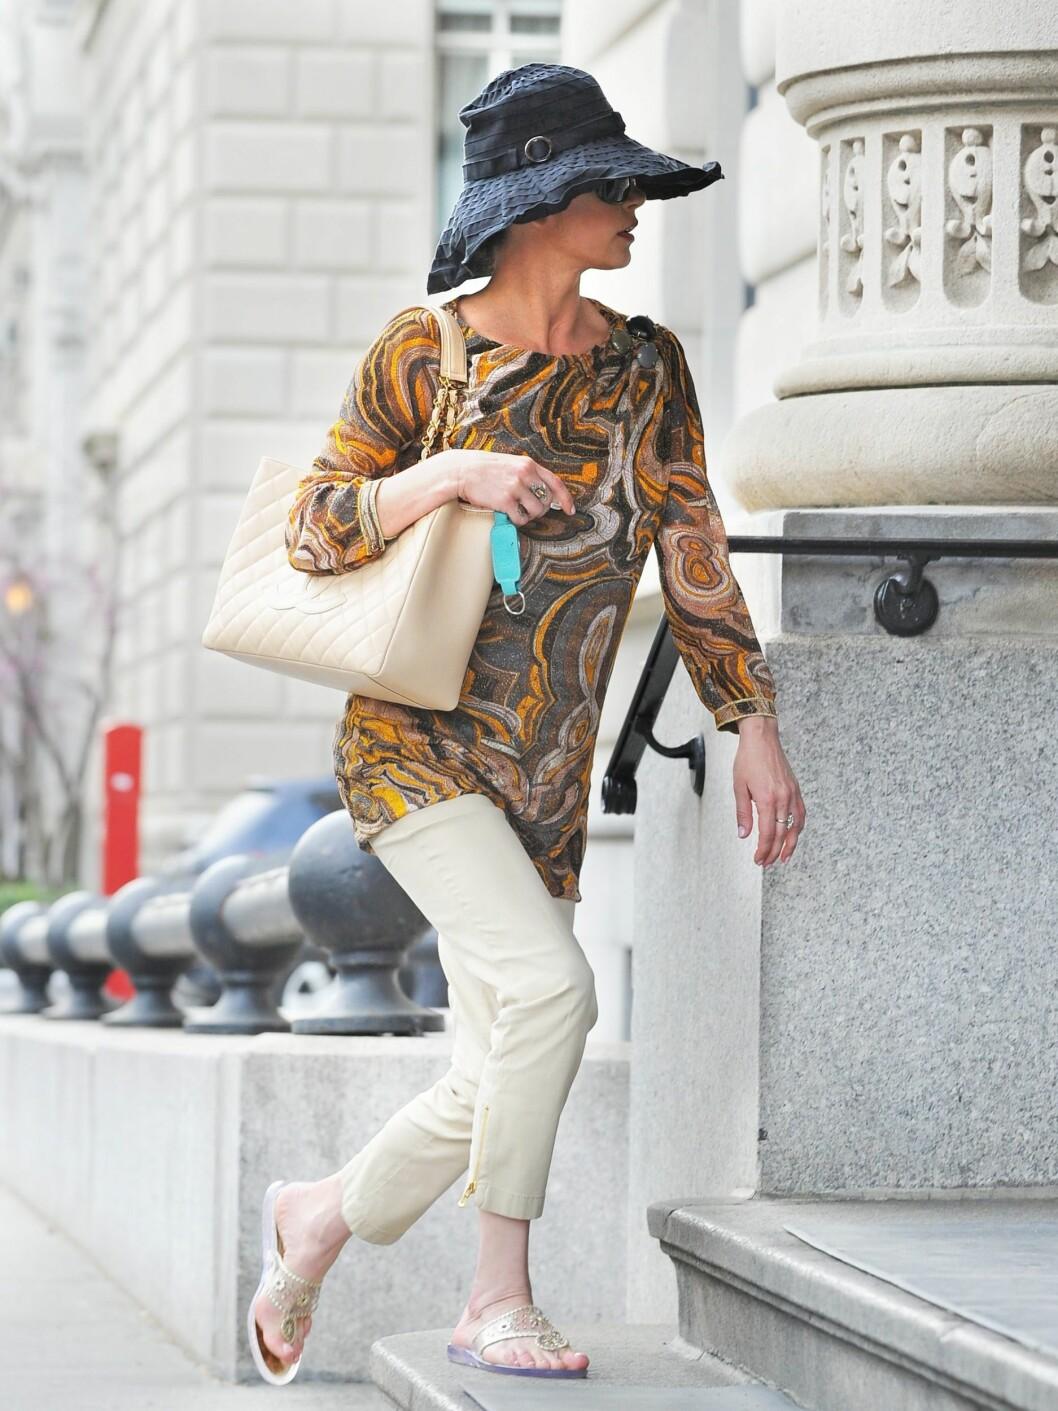 De beige bestemorbuksene - igjen - en mønstret tunika i 70-tallsfarger og en formløs hatt på toppen. Foto: All Over Press